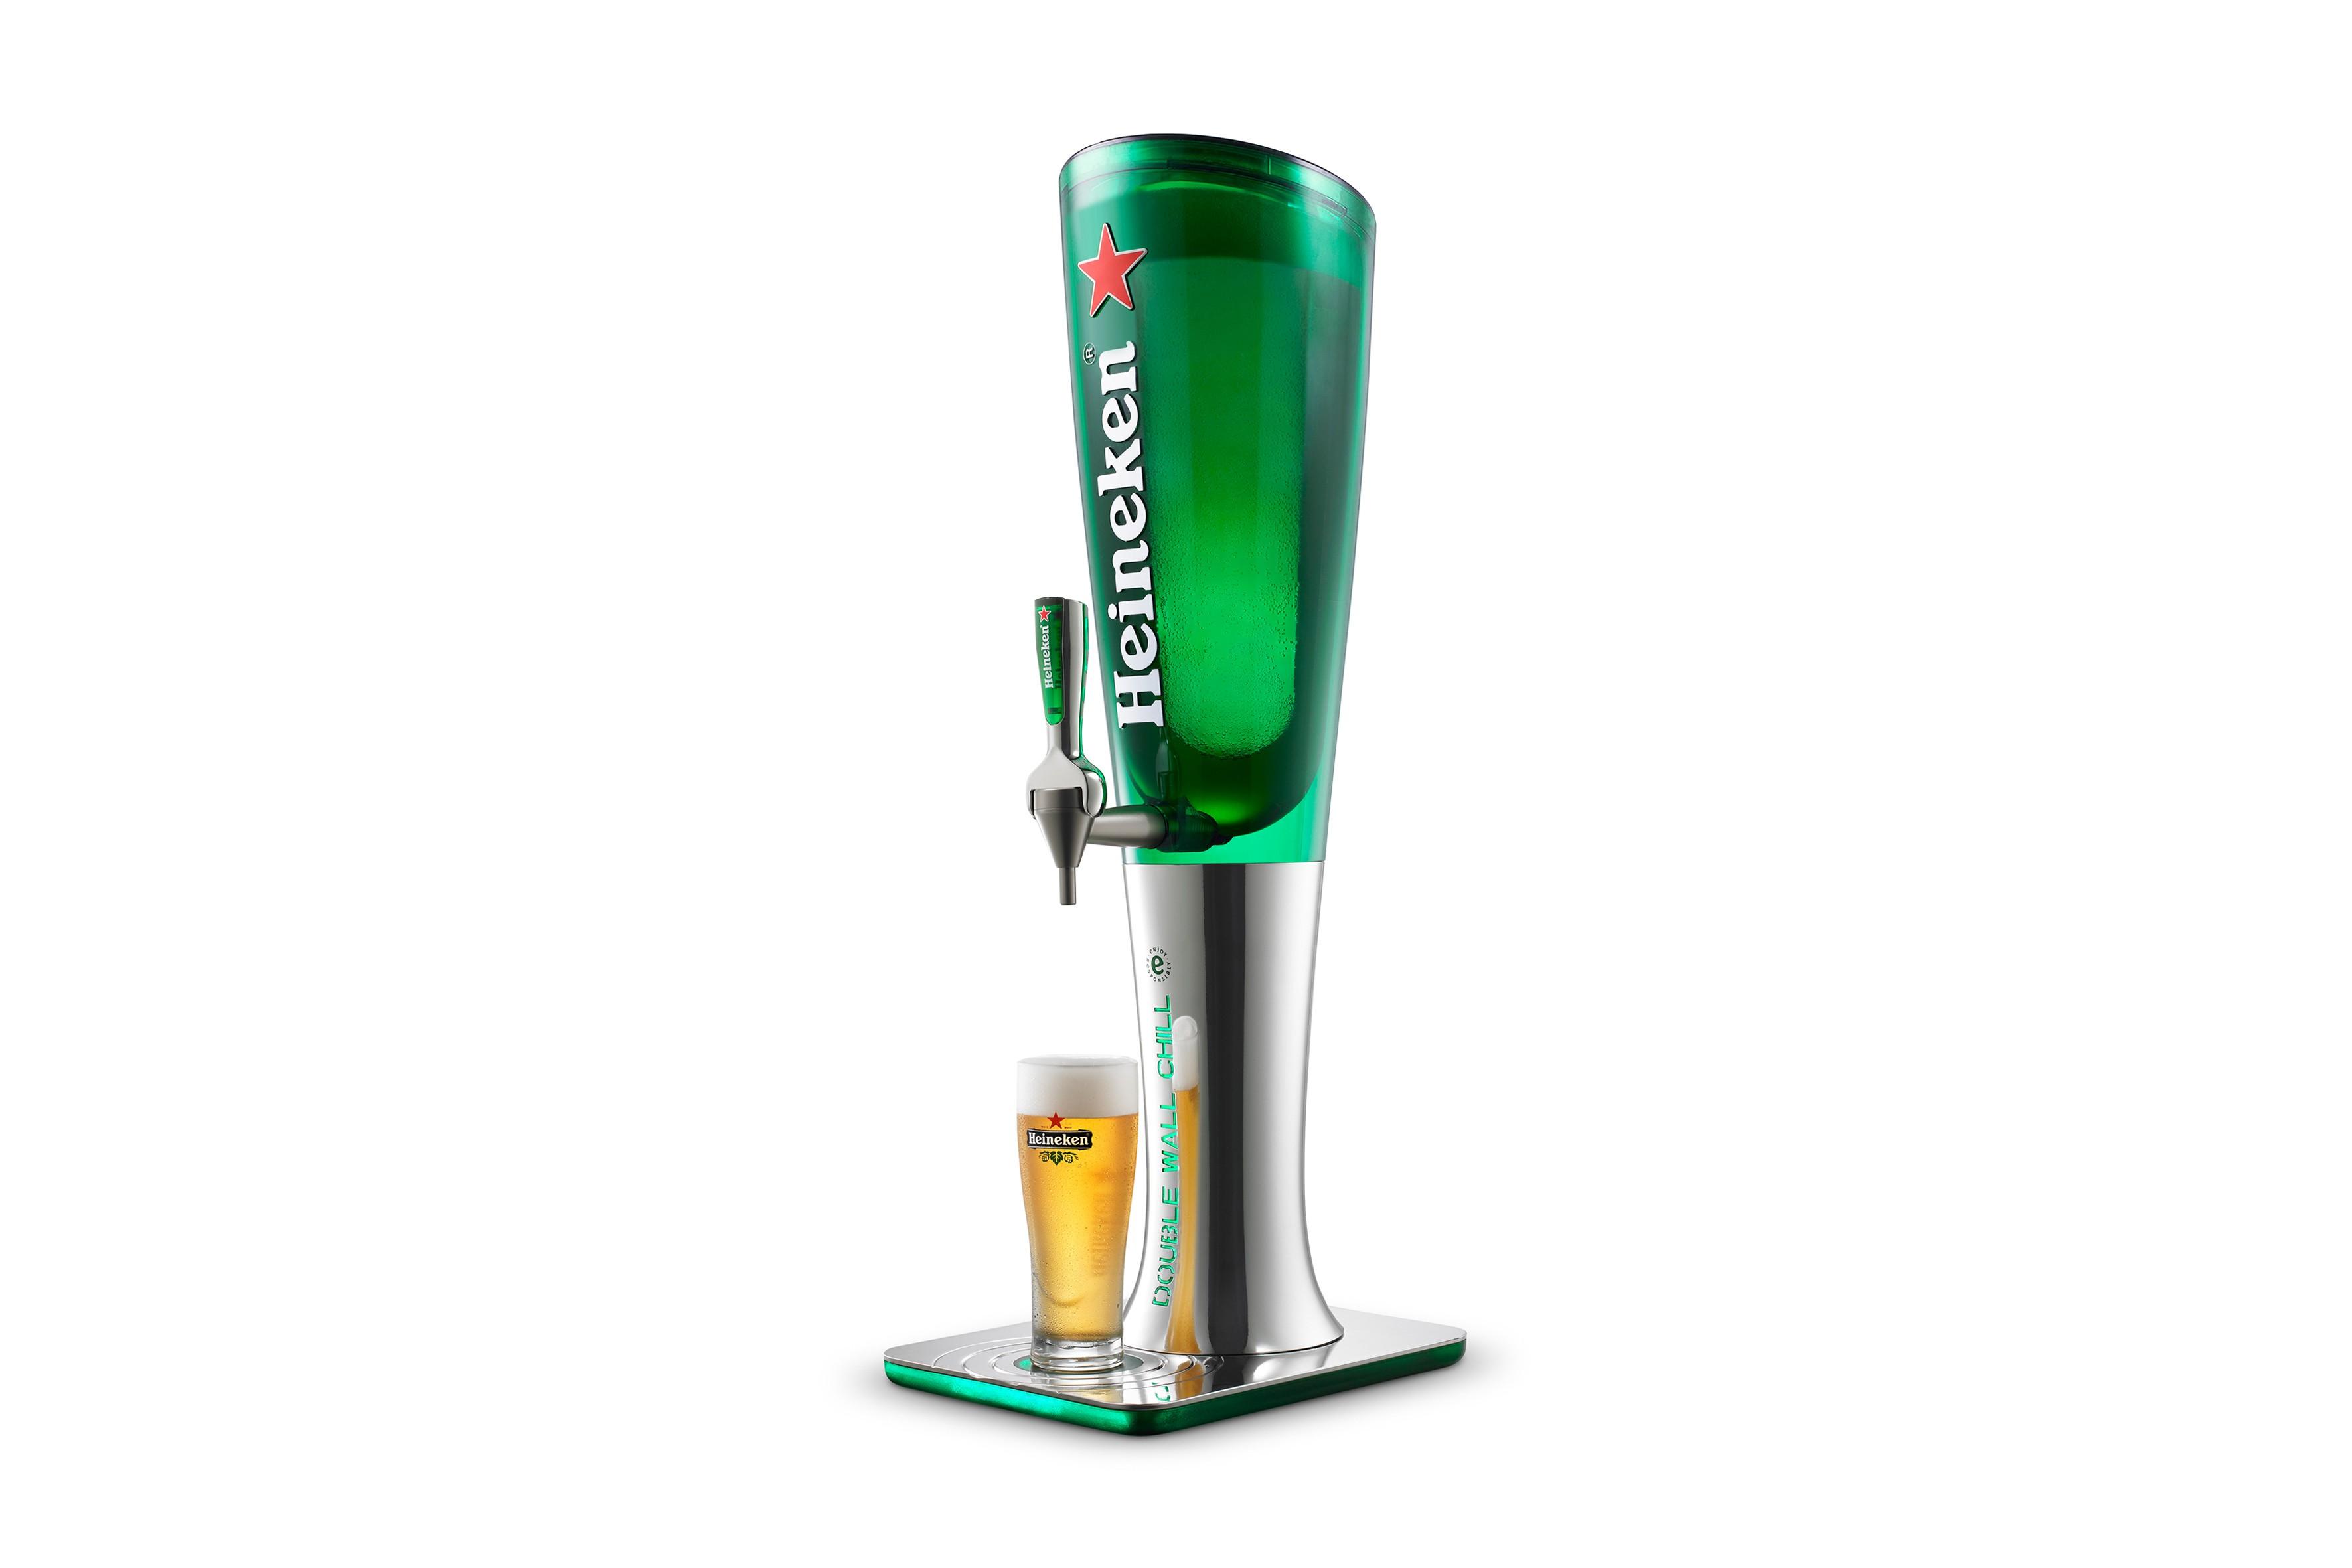 Heineken Star Tower image of 2